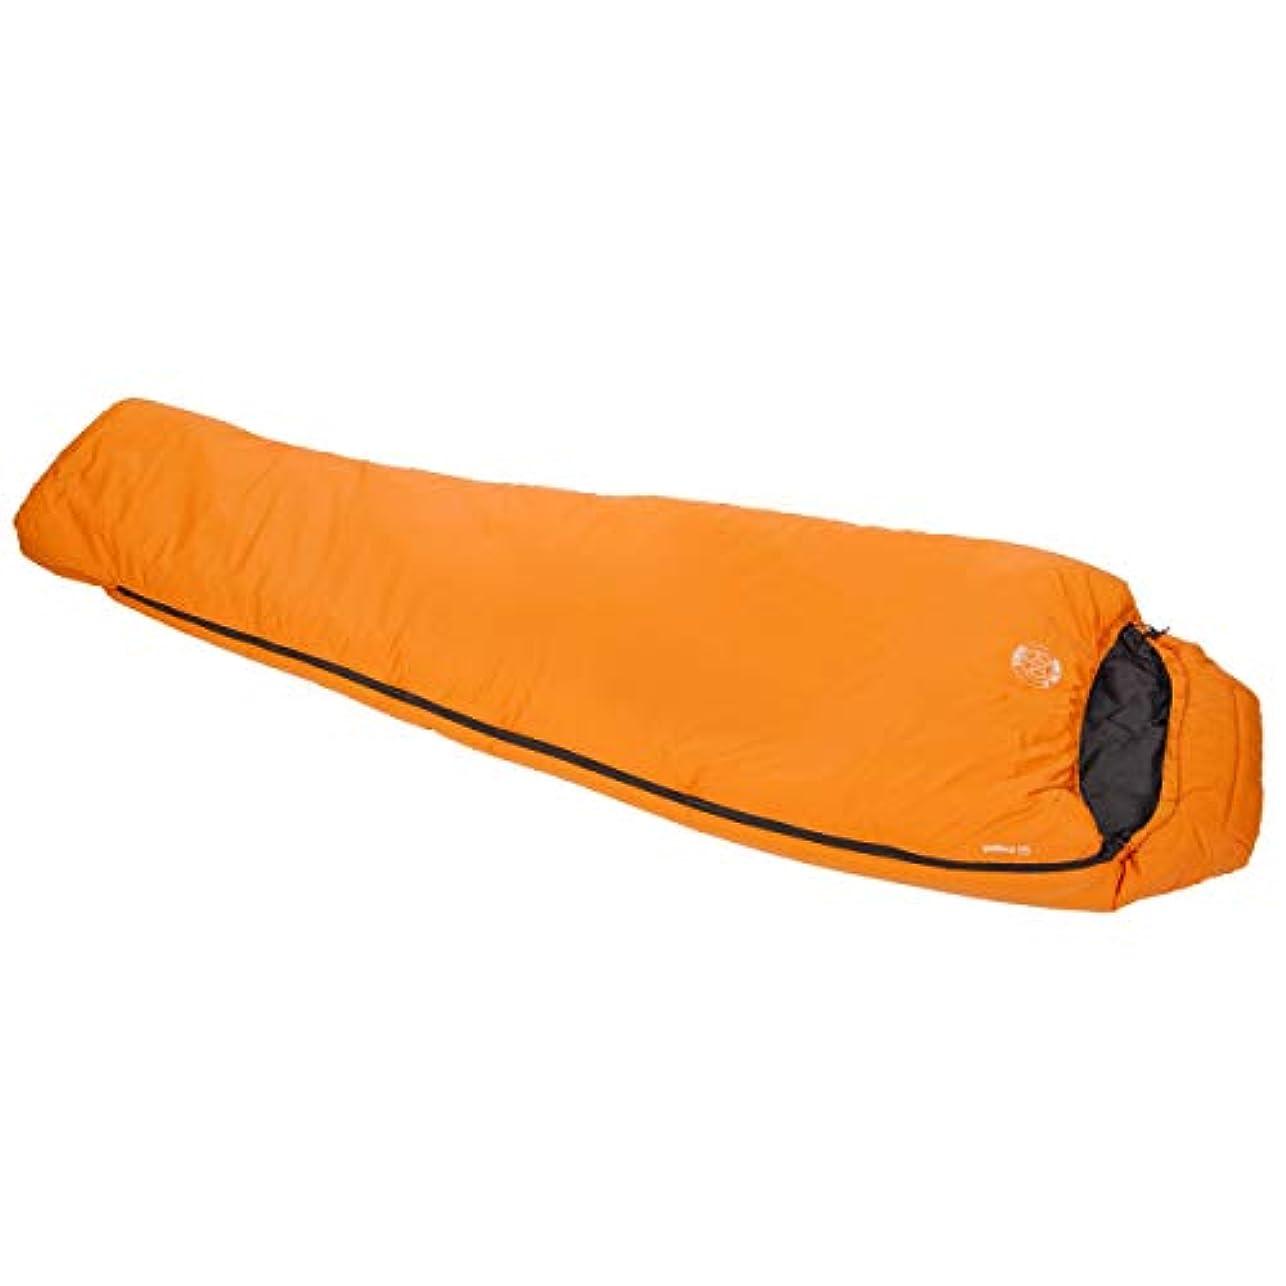 再発する起訴するずっとSnugpak Softie 15 Intrepid Sleeping Bag Orange RH Zip [並行輸入品]